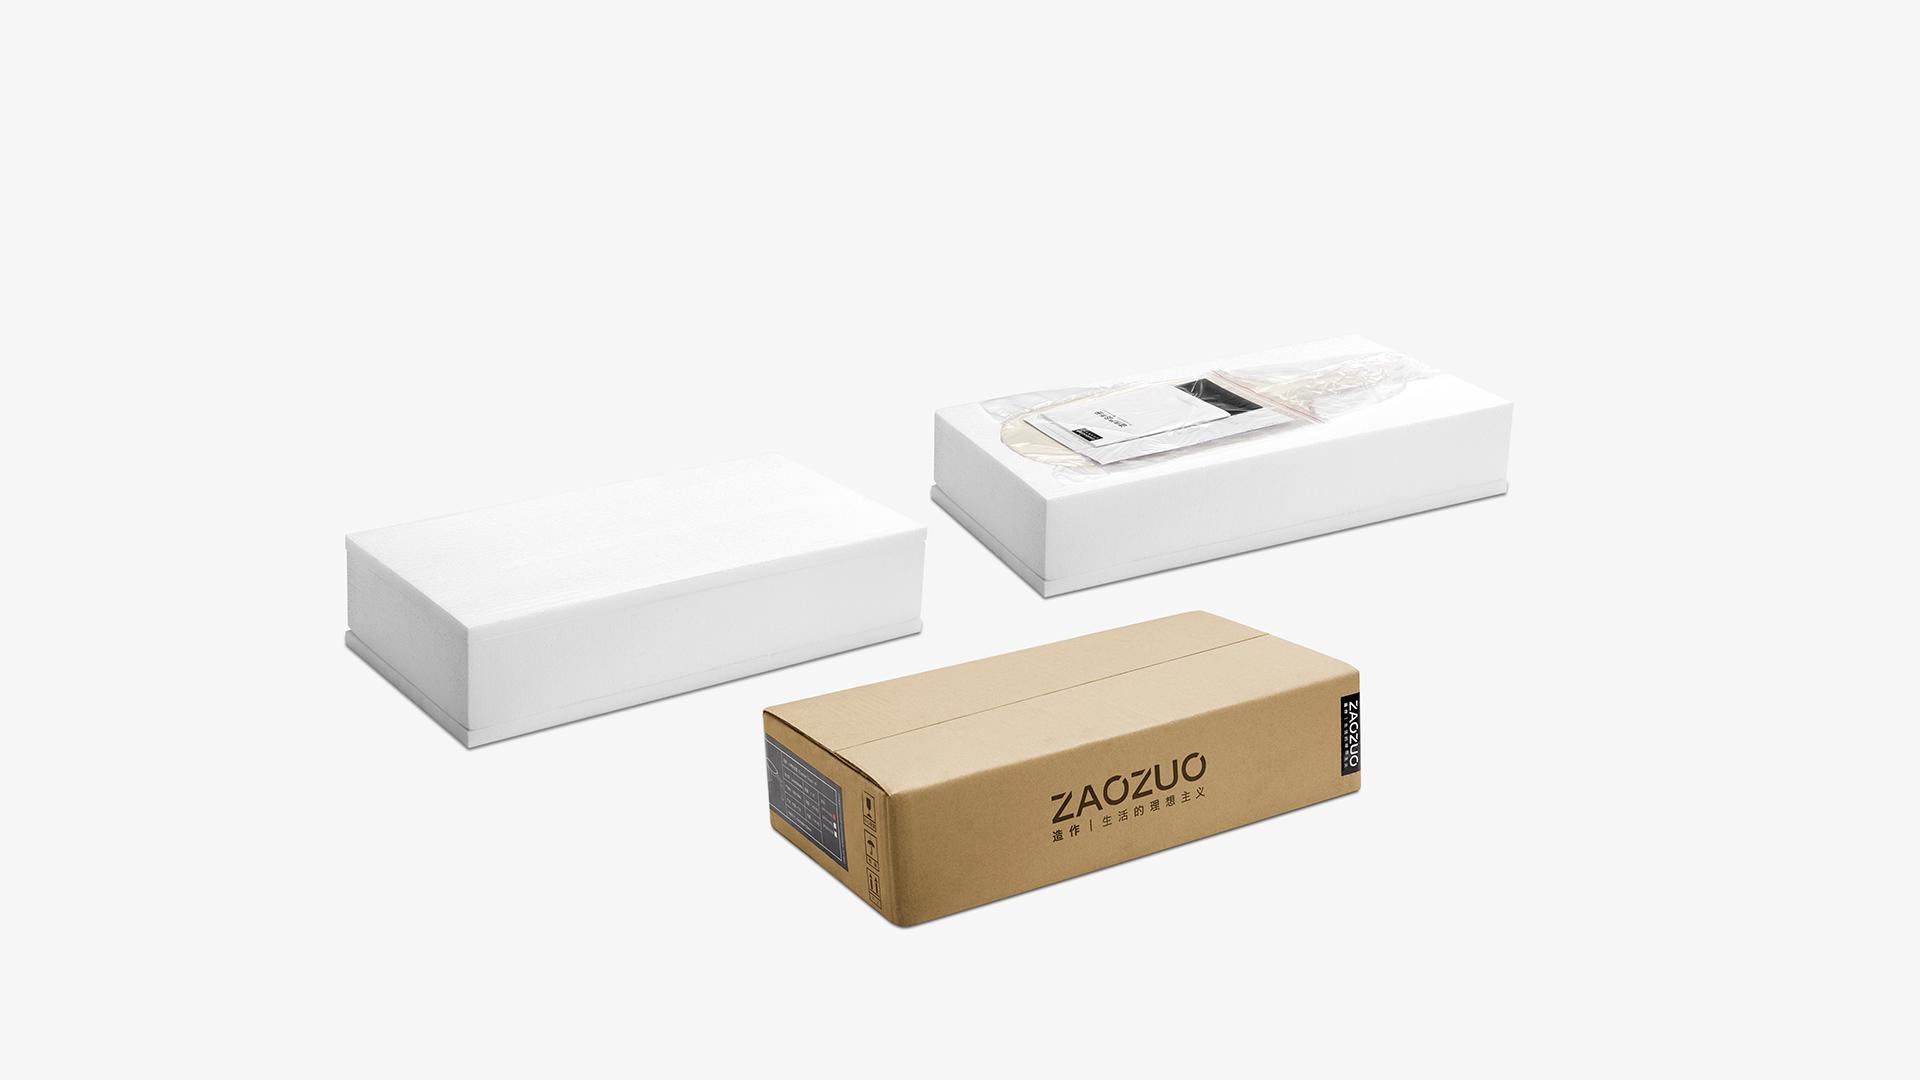 采用高强度瓦楞纸箱作外包装,PE胶袋封装包裹托盘,再以塑型保丽龙板固好,多层严苛的包装保护,确保产品安全完好送达?x-oss-process=image/format,jpg/interlace,1